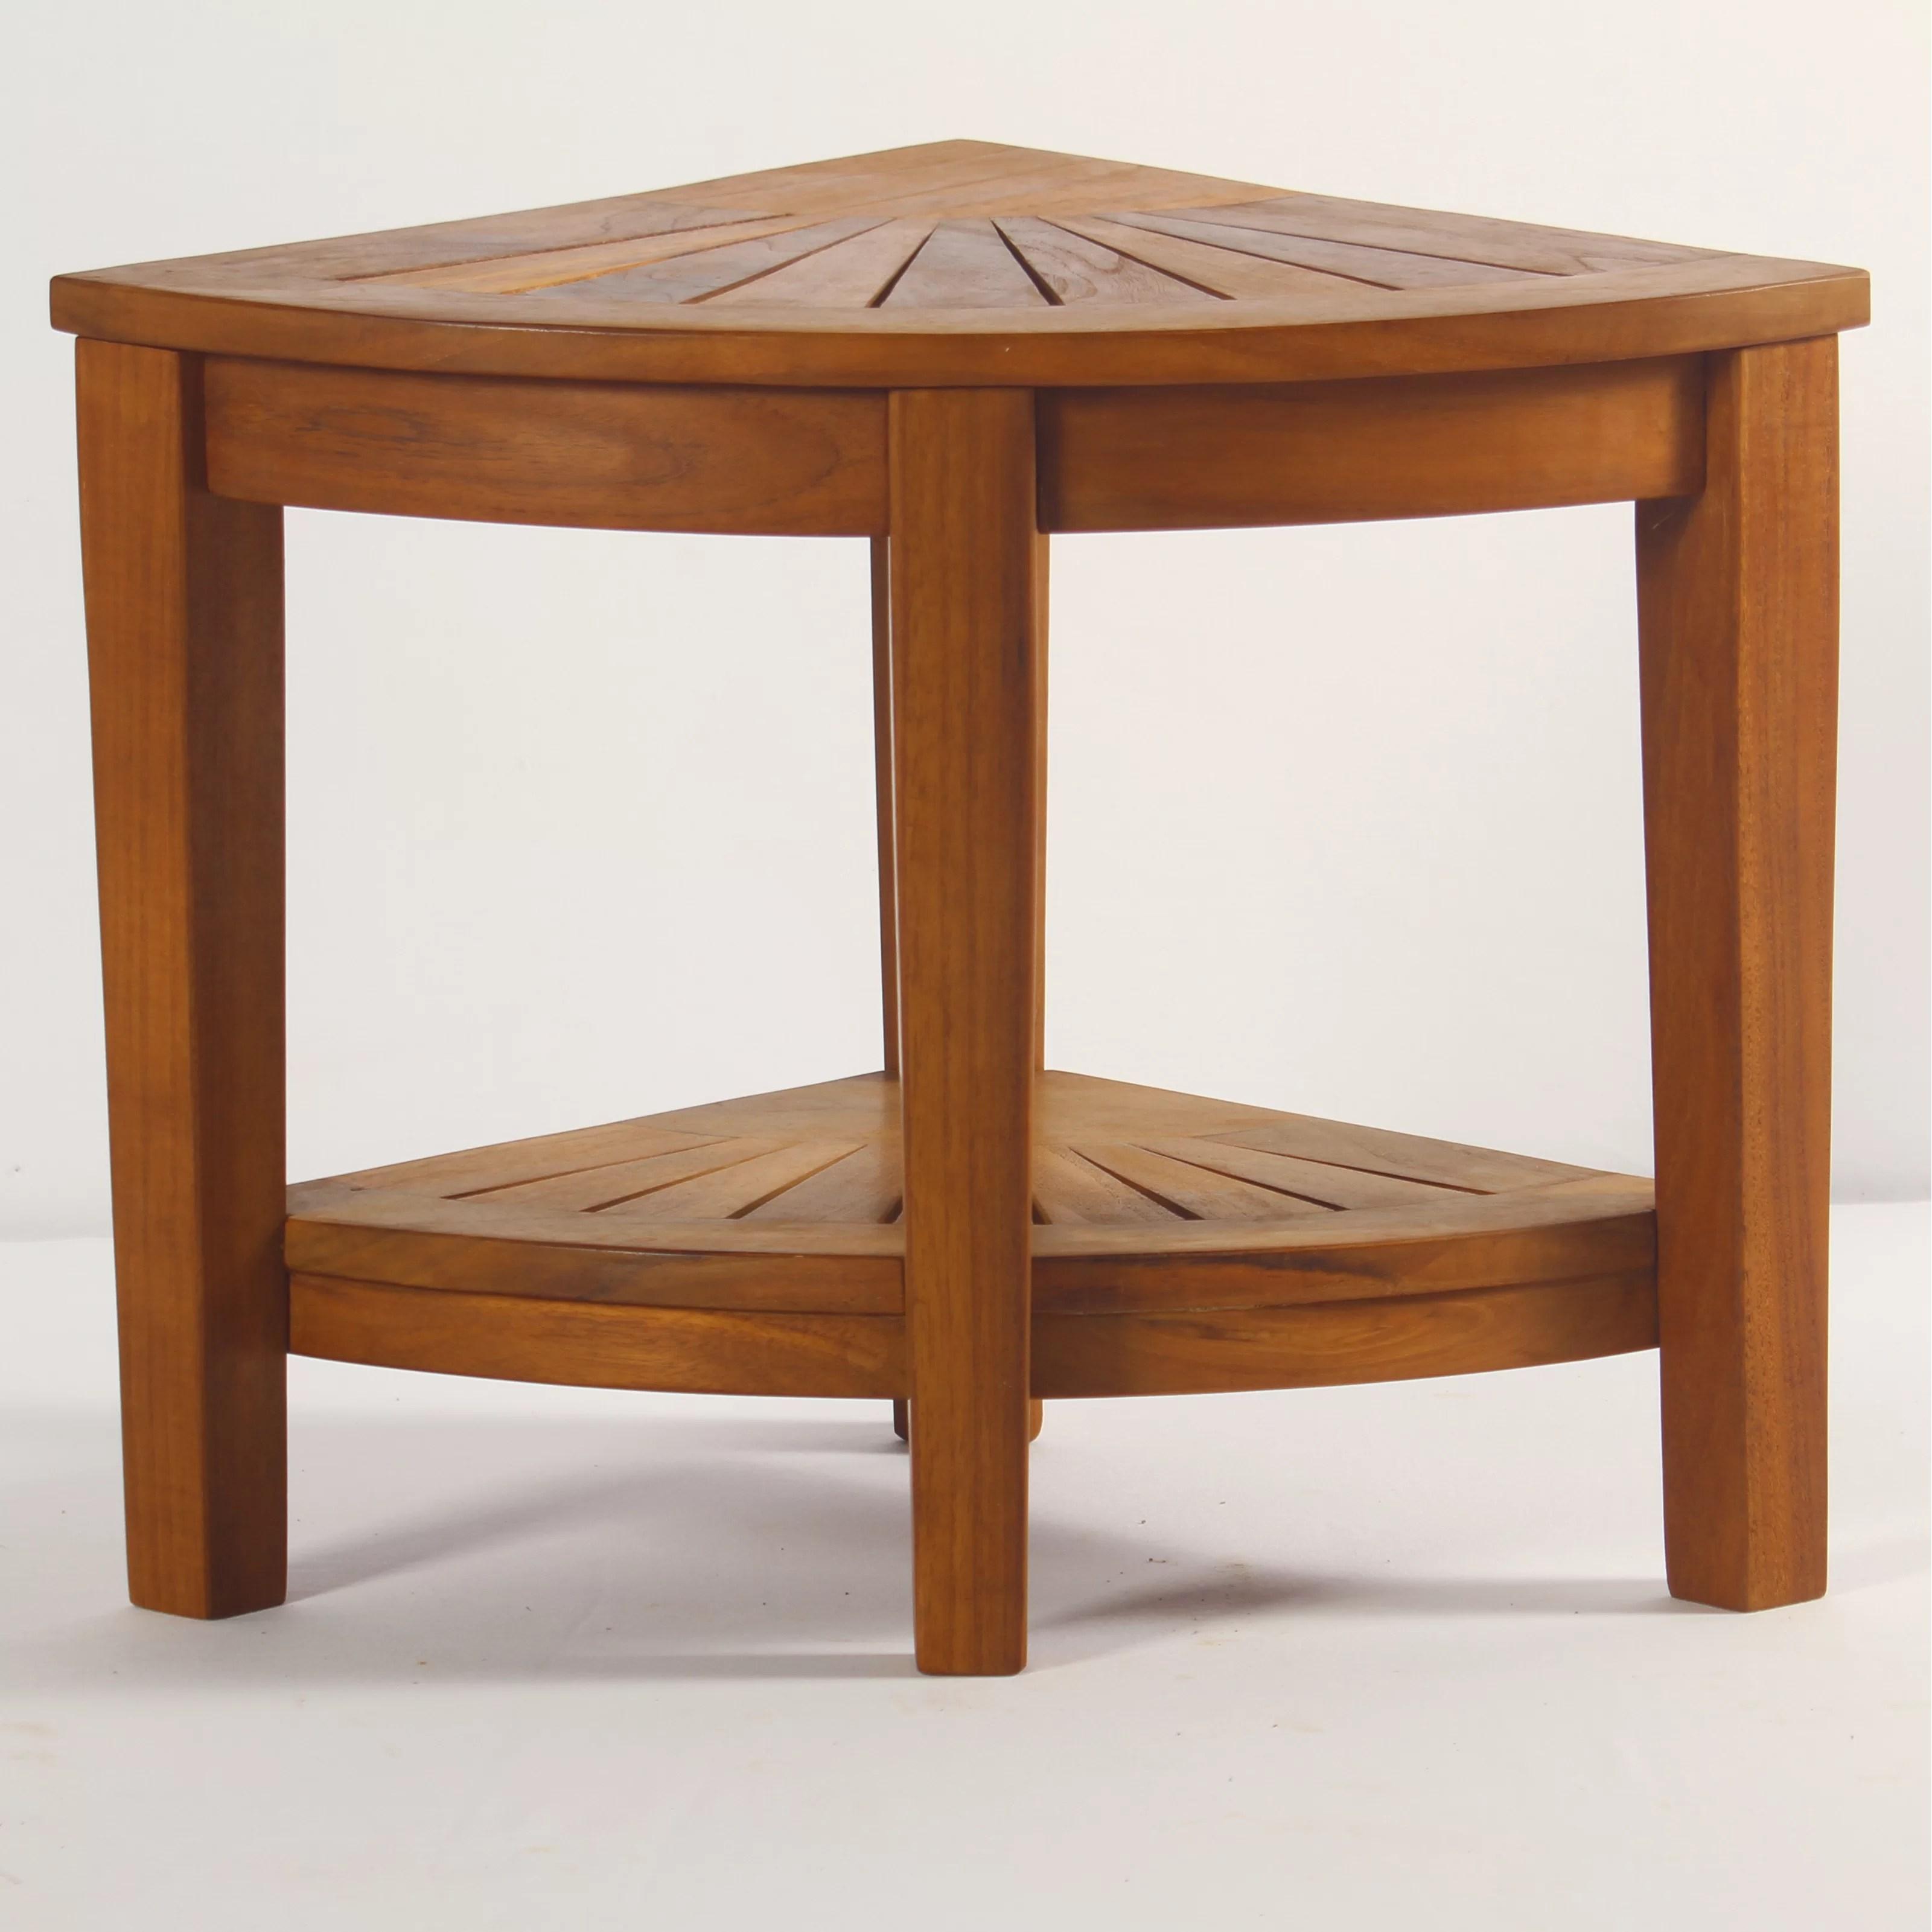 corner shower chair gaming reviews canada aqua teak spa stool with shelf